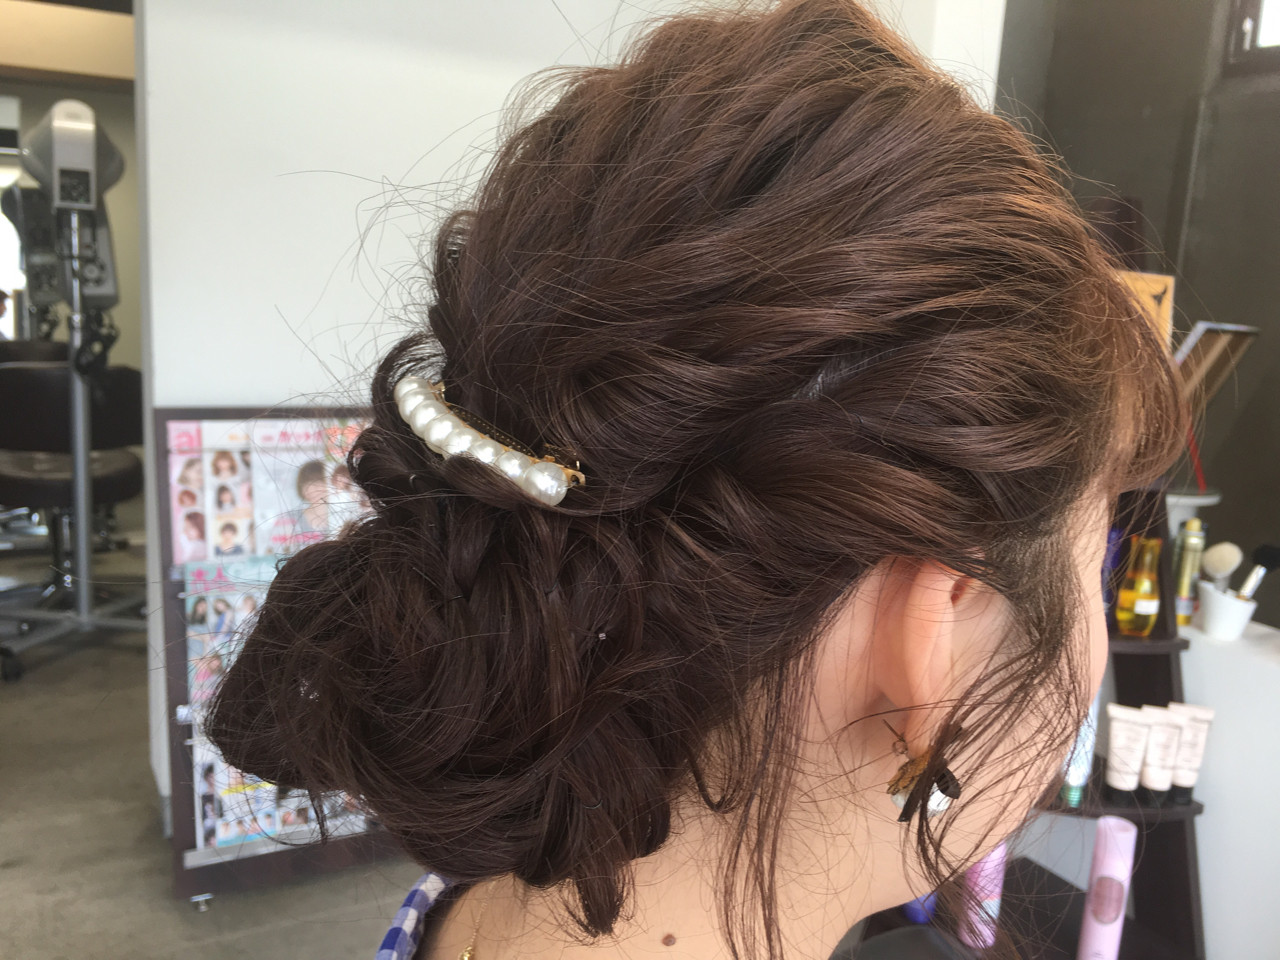 ゆるふわ ショート 外国人風 ミディアム ヘアスタイルや髪型の写真・画像 | komatsu yutaka / HAIR MAKE  Lutte